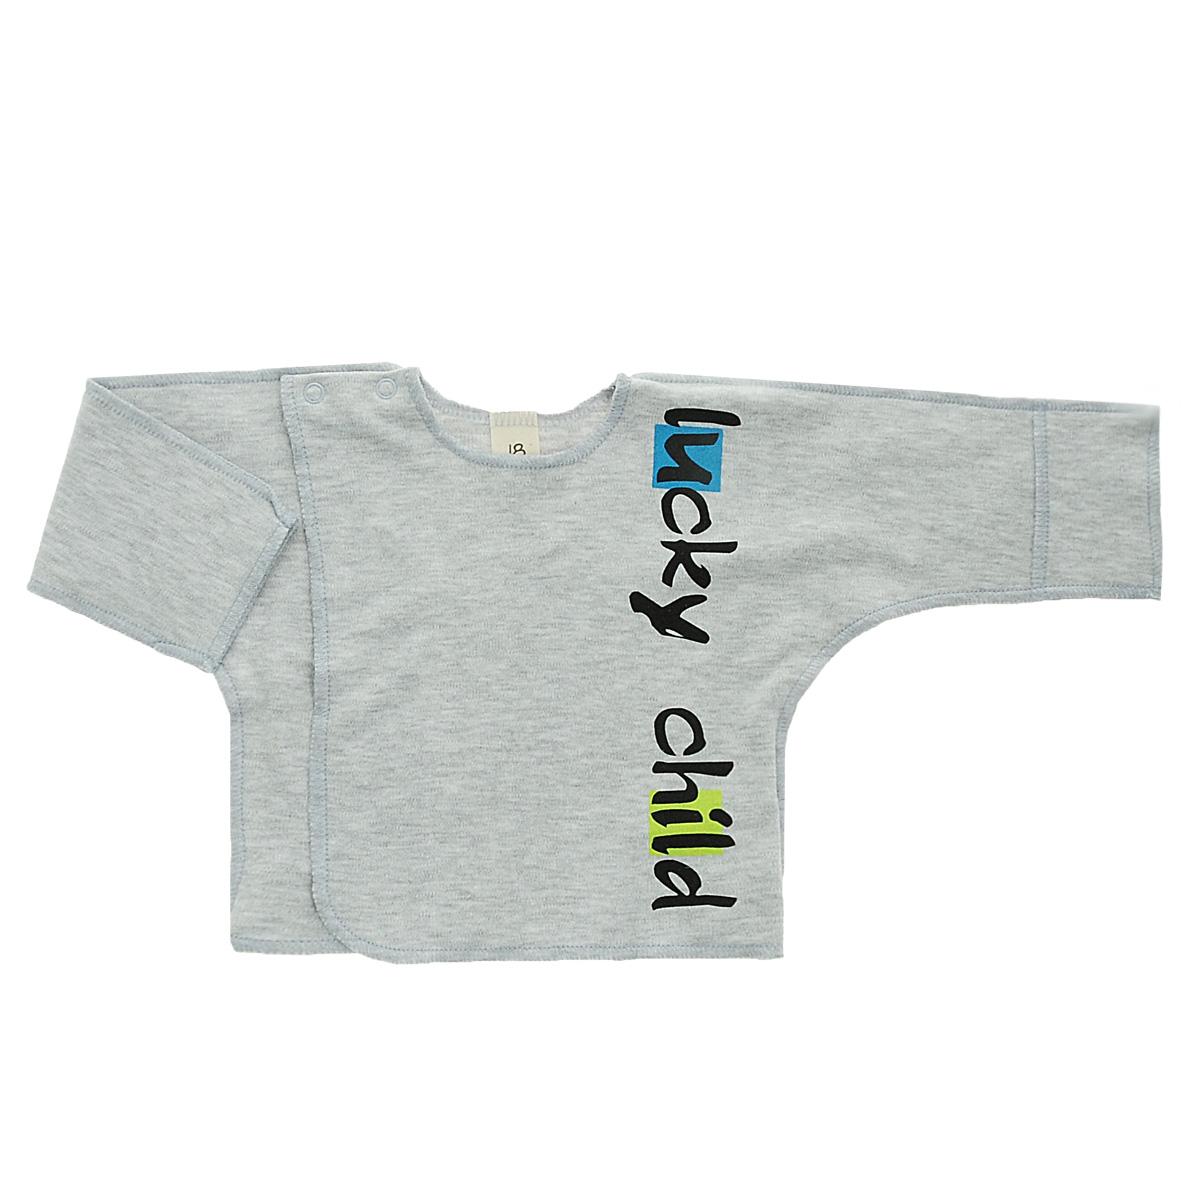 Распашонка Lucky Child цвет: серый, голубой. 1-8. Размер 62/681-8Распашонка для новорожденного Lucky Child с длинными рукавами послужит идеальным дополнением к гардеробу вашего малыша, обеспечивая ему наибольший комфорт. Распашонка изготовлена из интерлока - натурального хлопка, благодаря чему она необычайно мягкая и легкая, не раздражает нежную кожу ребенка и хорошо вентилируется, а эластичные швы приятны телу малыша и не препятствуют его движениям.Распашонка-кимоно для новорожденного с закрытыми ручками, выполненная швами наружу, спереди оформлена надписью Lucky Child. Благодаря системе застежек-кнопок по принципу кимоно модель можно полностью расстегнуть. А благодаря рукавичкам ребенок не поцарапает себя. Распашонка полностью соответствует особенностям жизни ребенка в ранний период, не стесняя и не ограничивая его в движениях. В ней ваш малыш всегда будет в центре внимания.